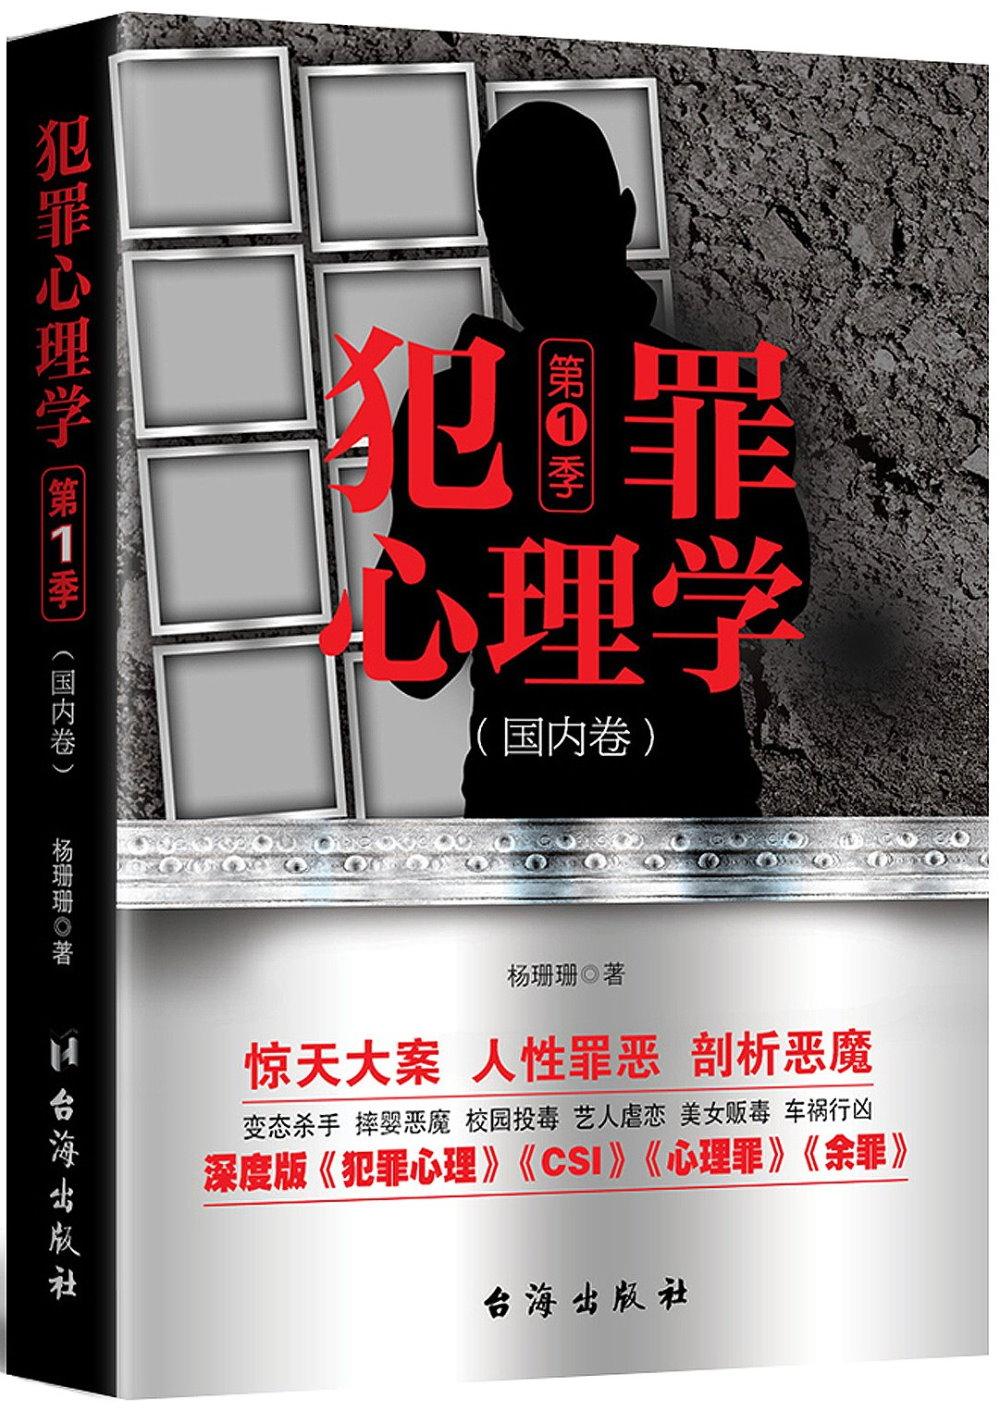 犯罪心理學:第1季(國內卷)